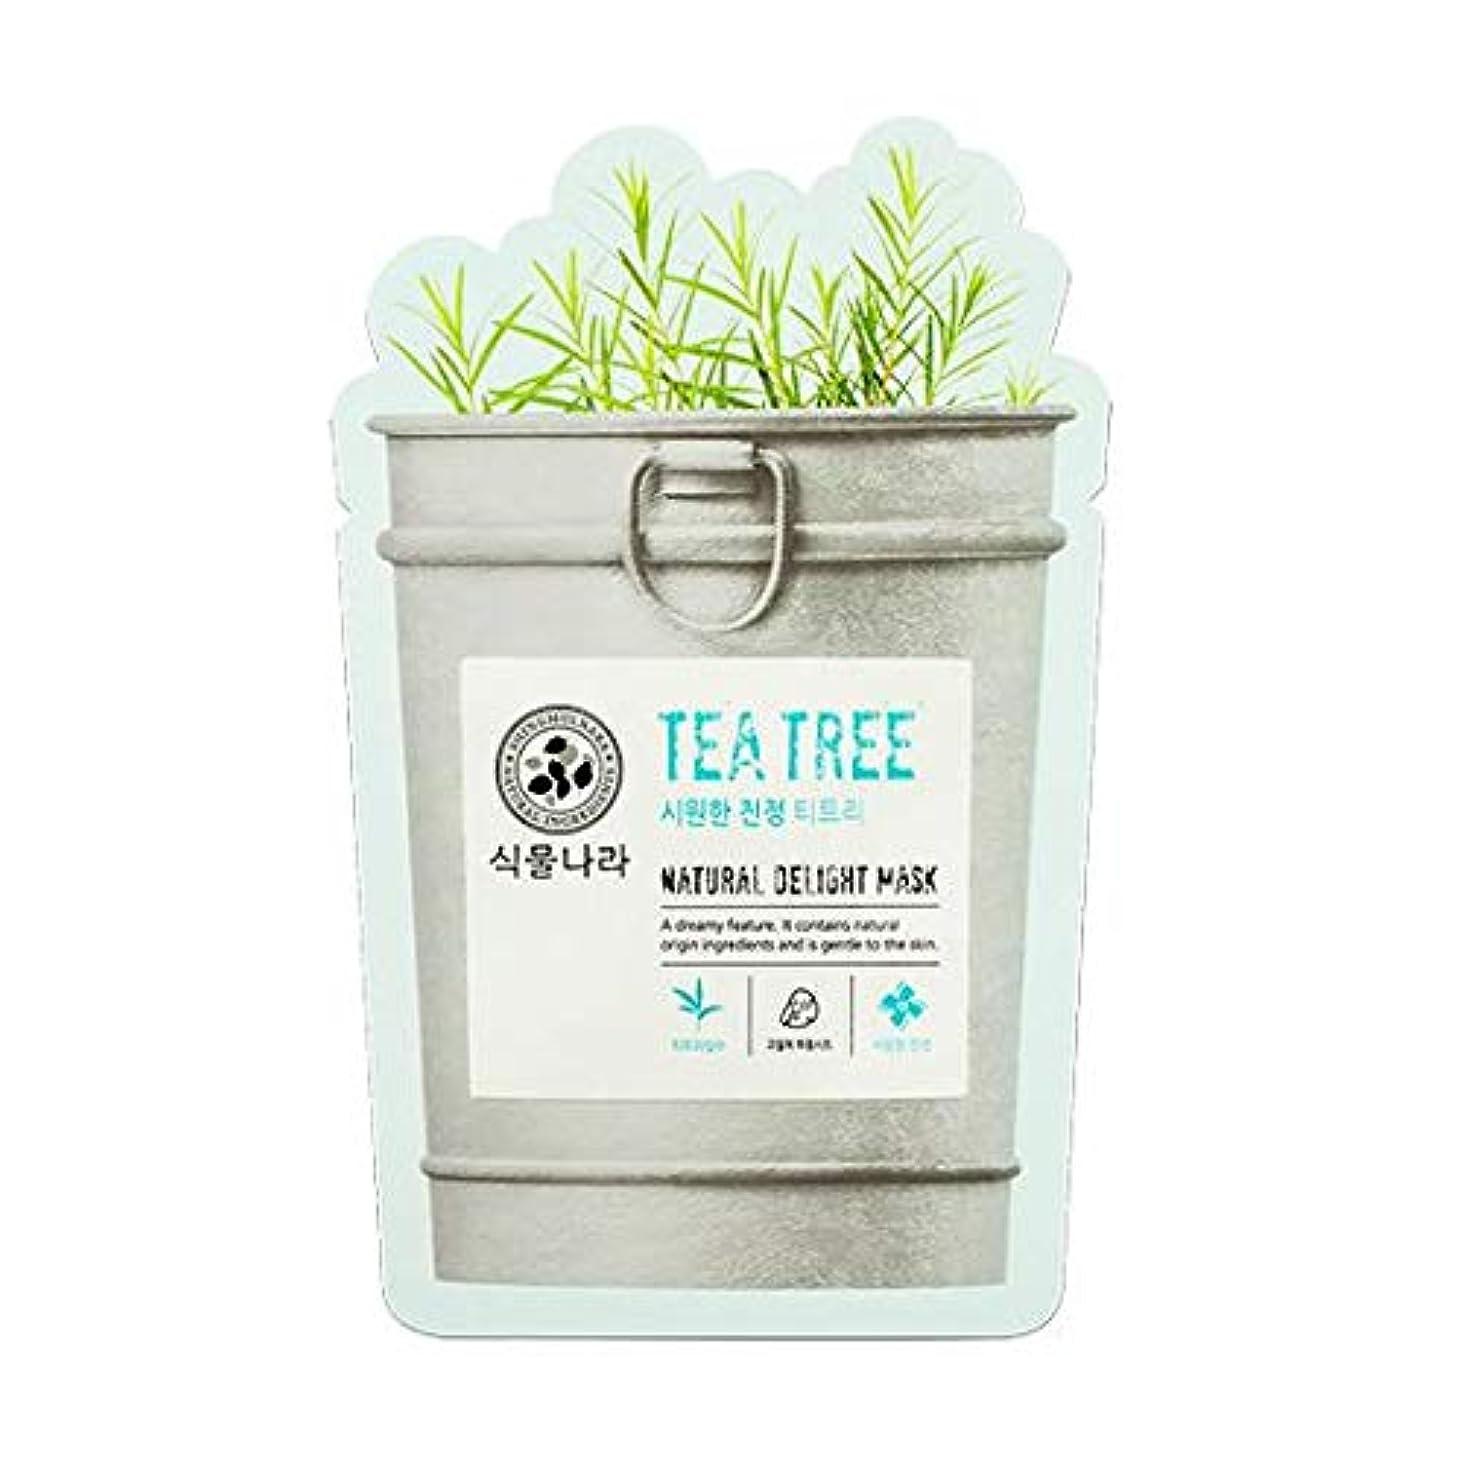 歌趣味価値のないSHINGMULNARA 植物ナラ ナチュラル デライト マスクパック ティートリ/アロエ/炭/蜜 韓国オリーブ霊遊明商品 (ティートリー (Tea Tree) 5pack)